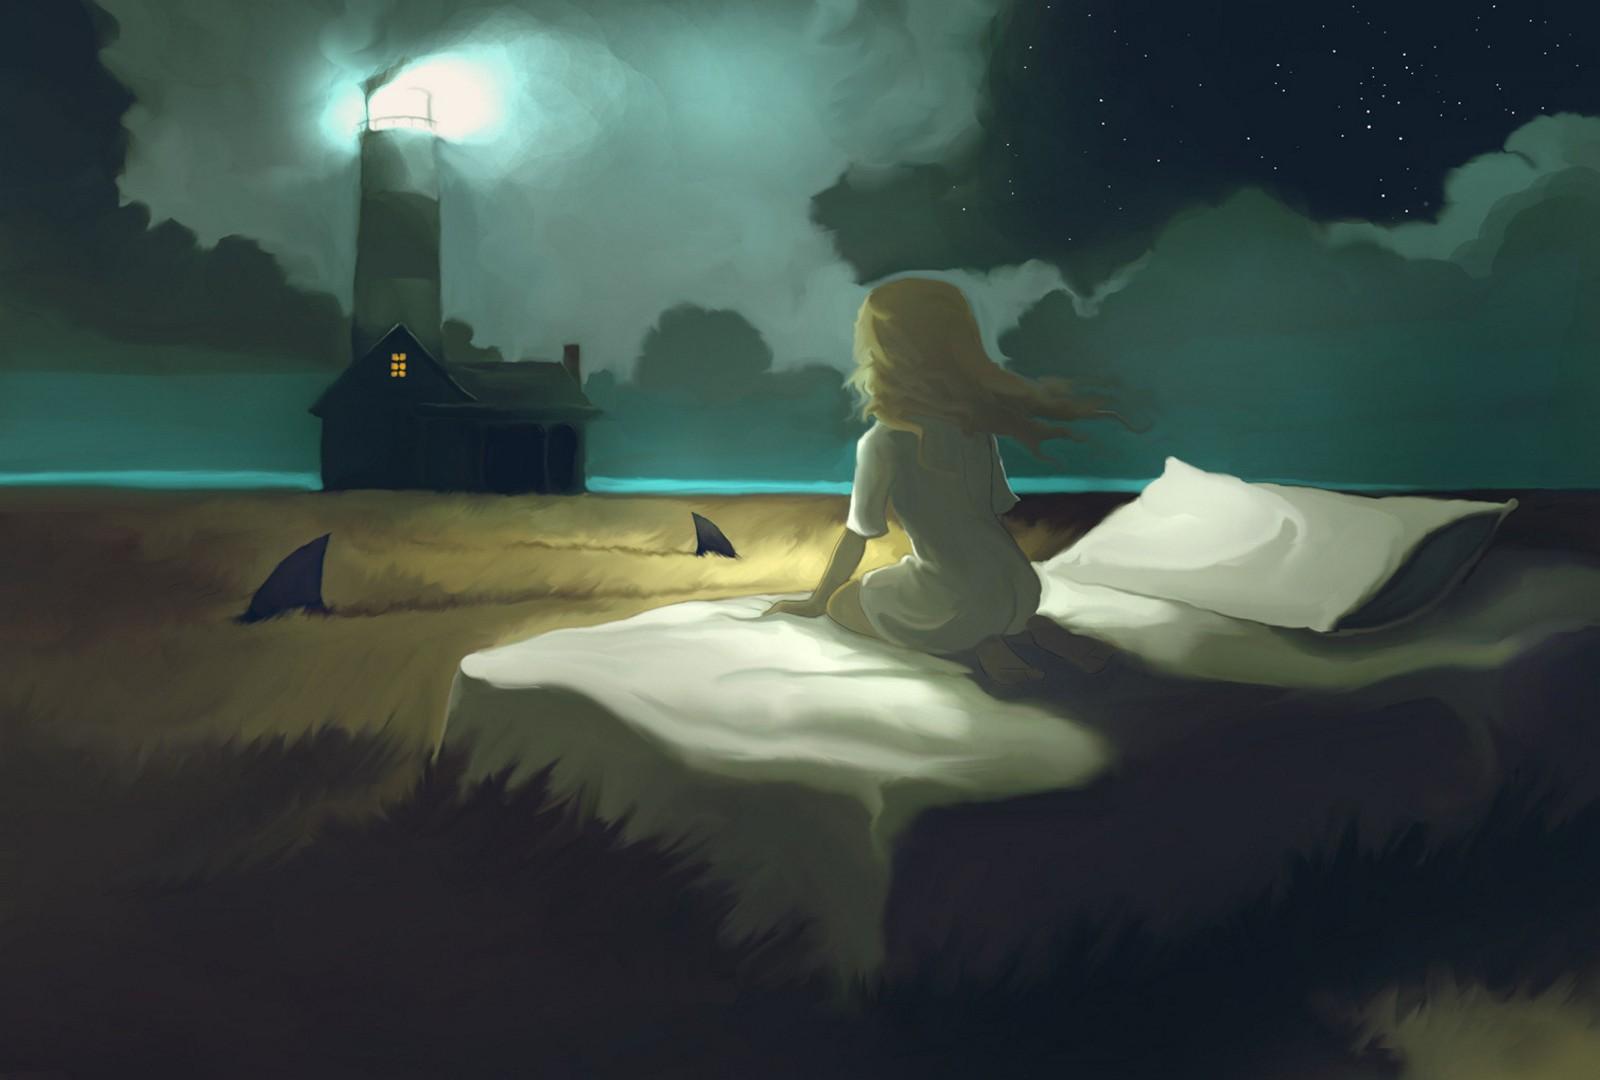 что означают сны?